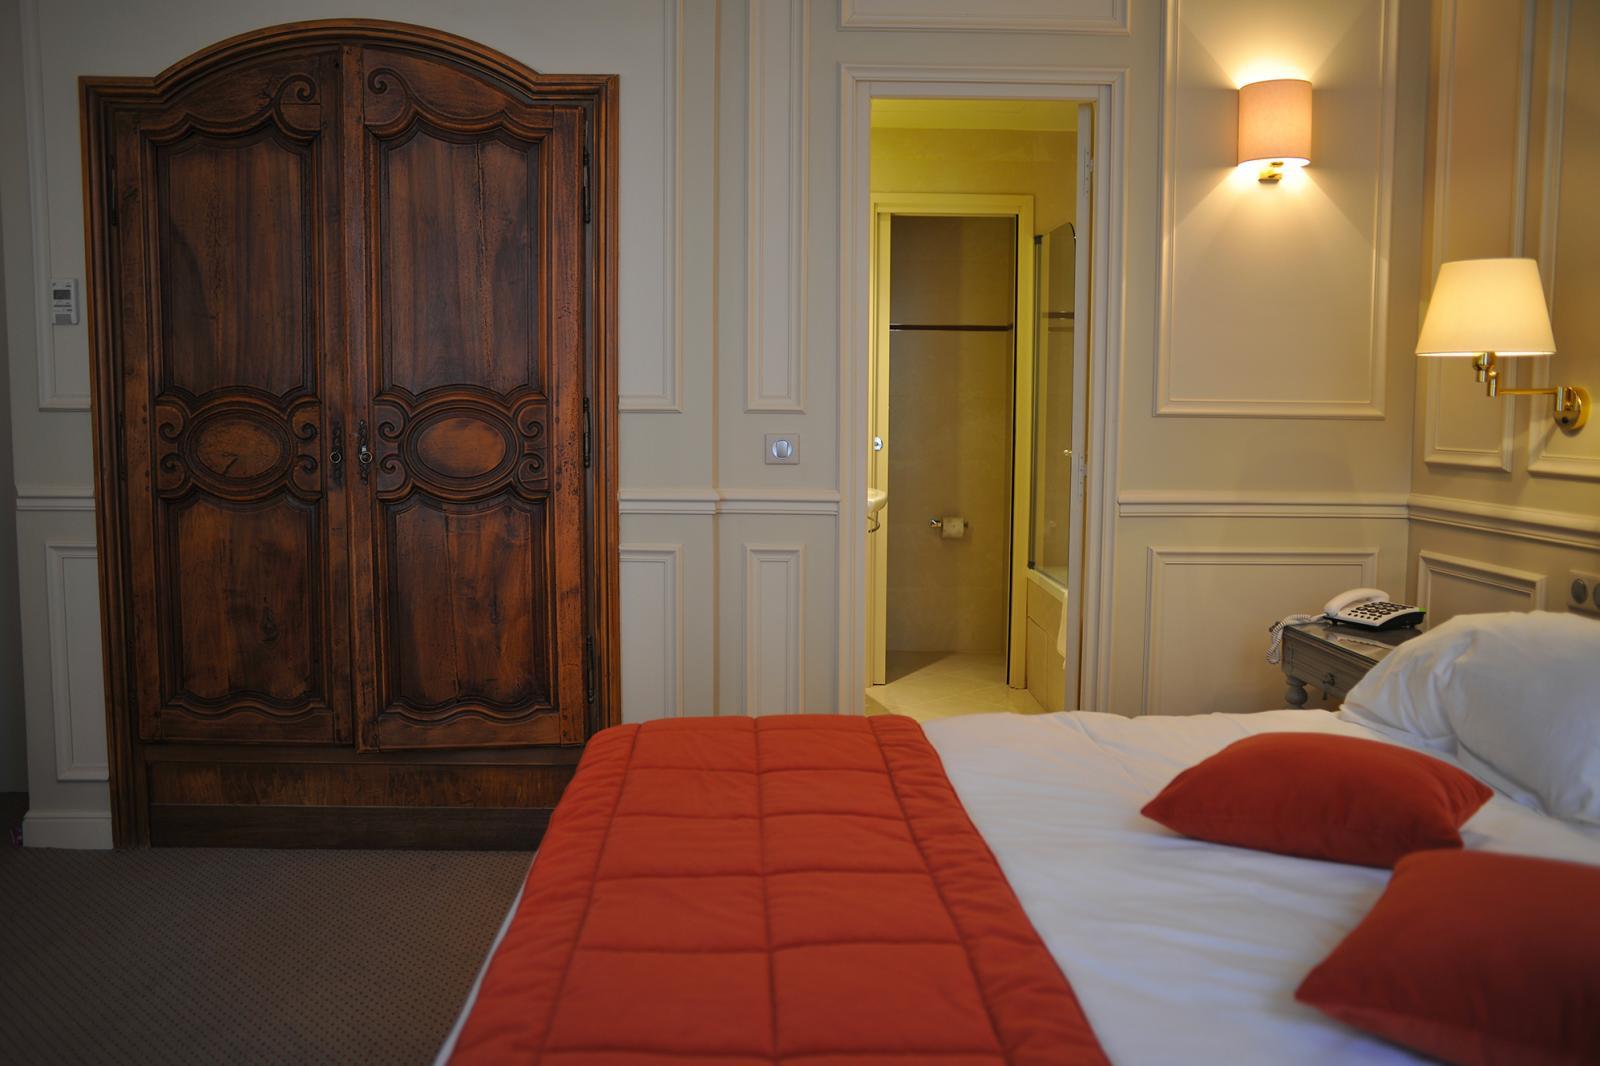 Best Chambre Double Superieure Definition Pictures - Antoniogarcia ...